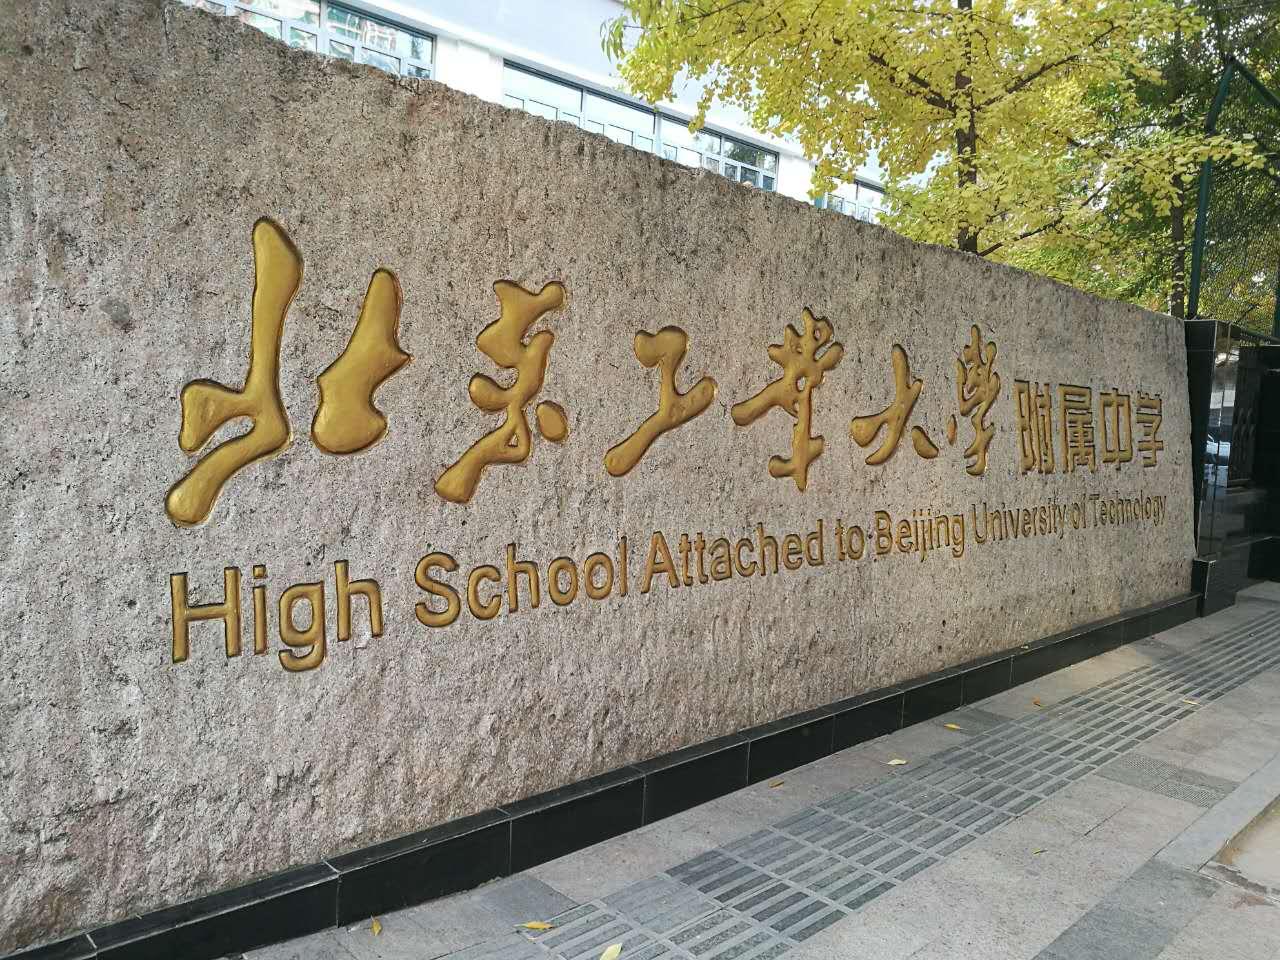 官宣:本周播放《身边的好学校——九州娱乐ju11.net》